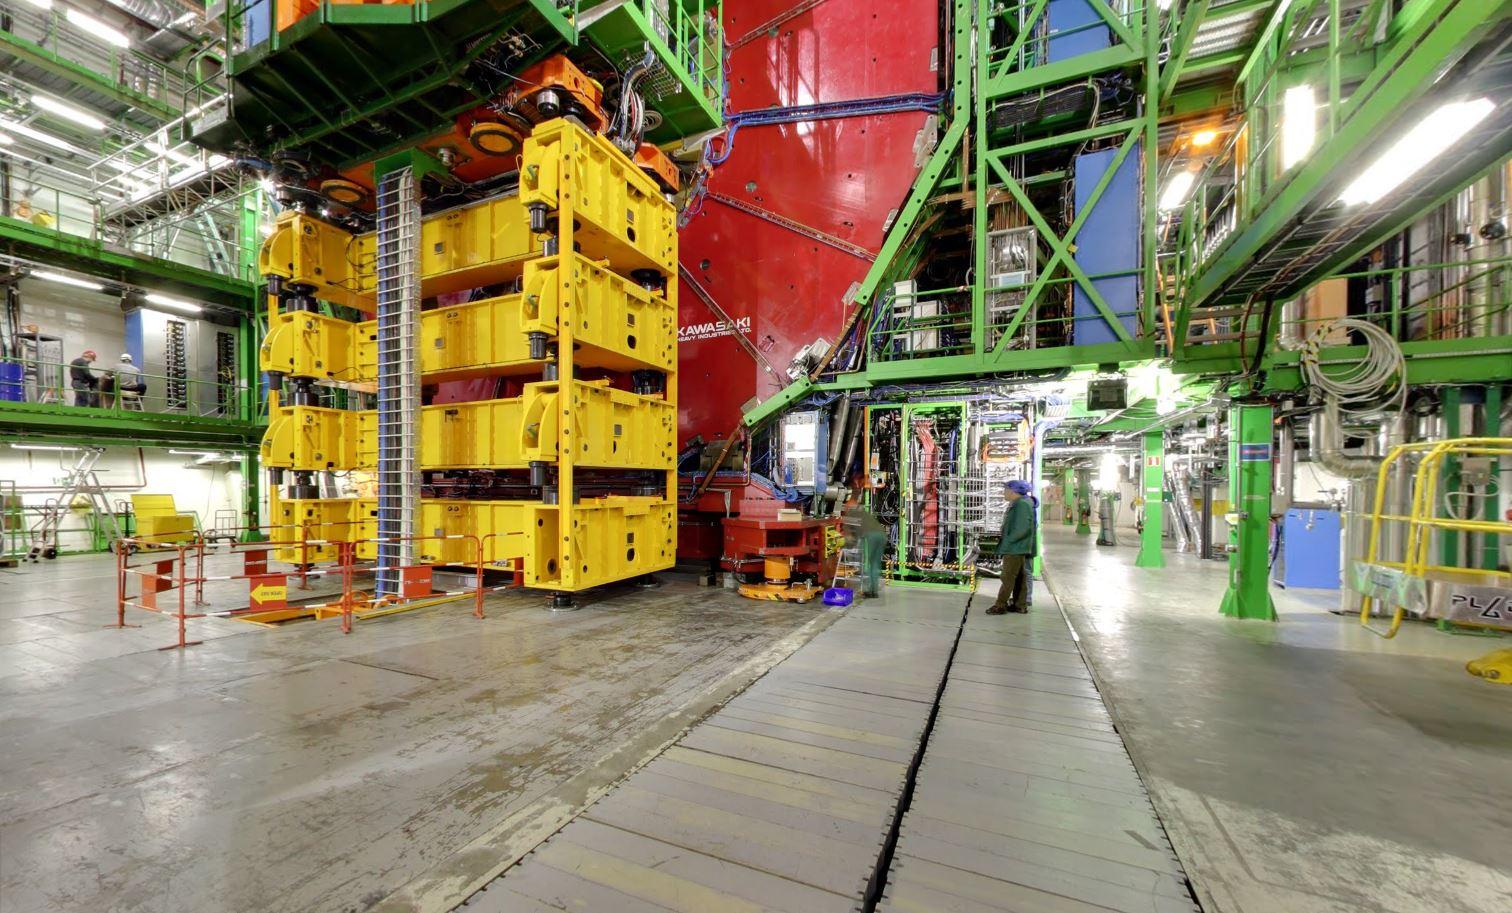 CERN Google Street View